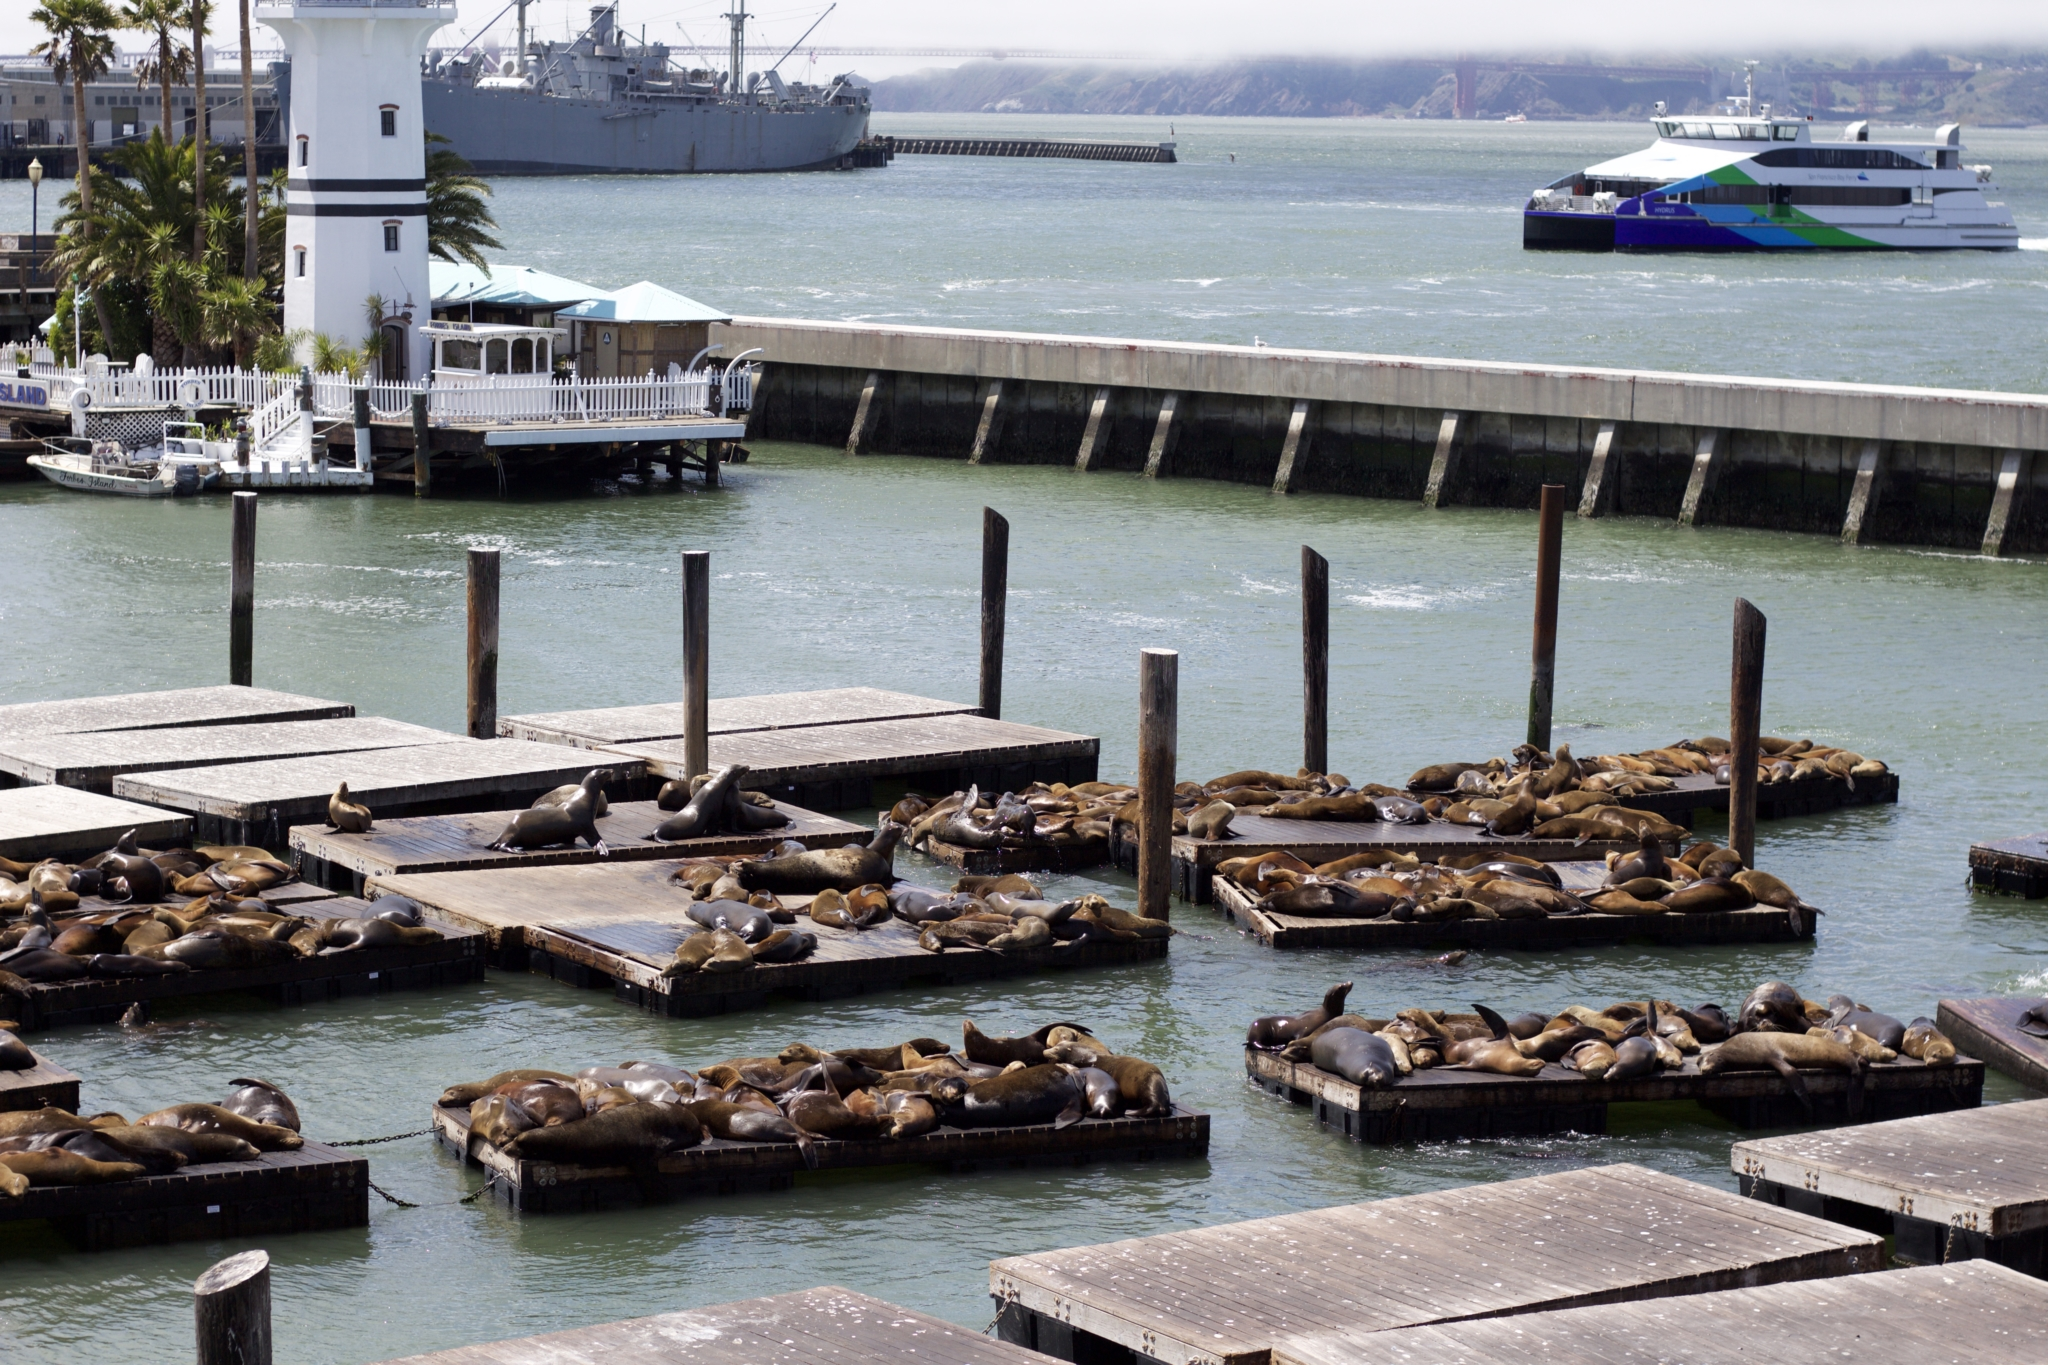 Seelöwen am Pier 39 - Ein Tag am Pier 39 in San Francisco - Erlebnisse und 5 Tipps für einen Tag am Pier 39 - Reise Blogger Tipps